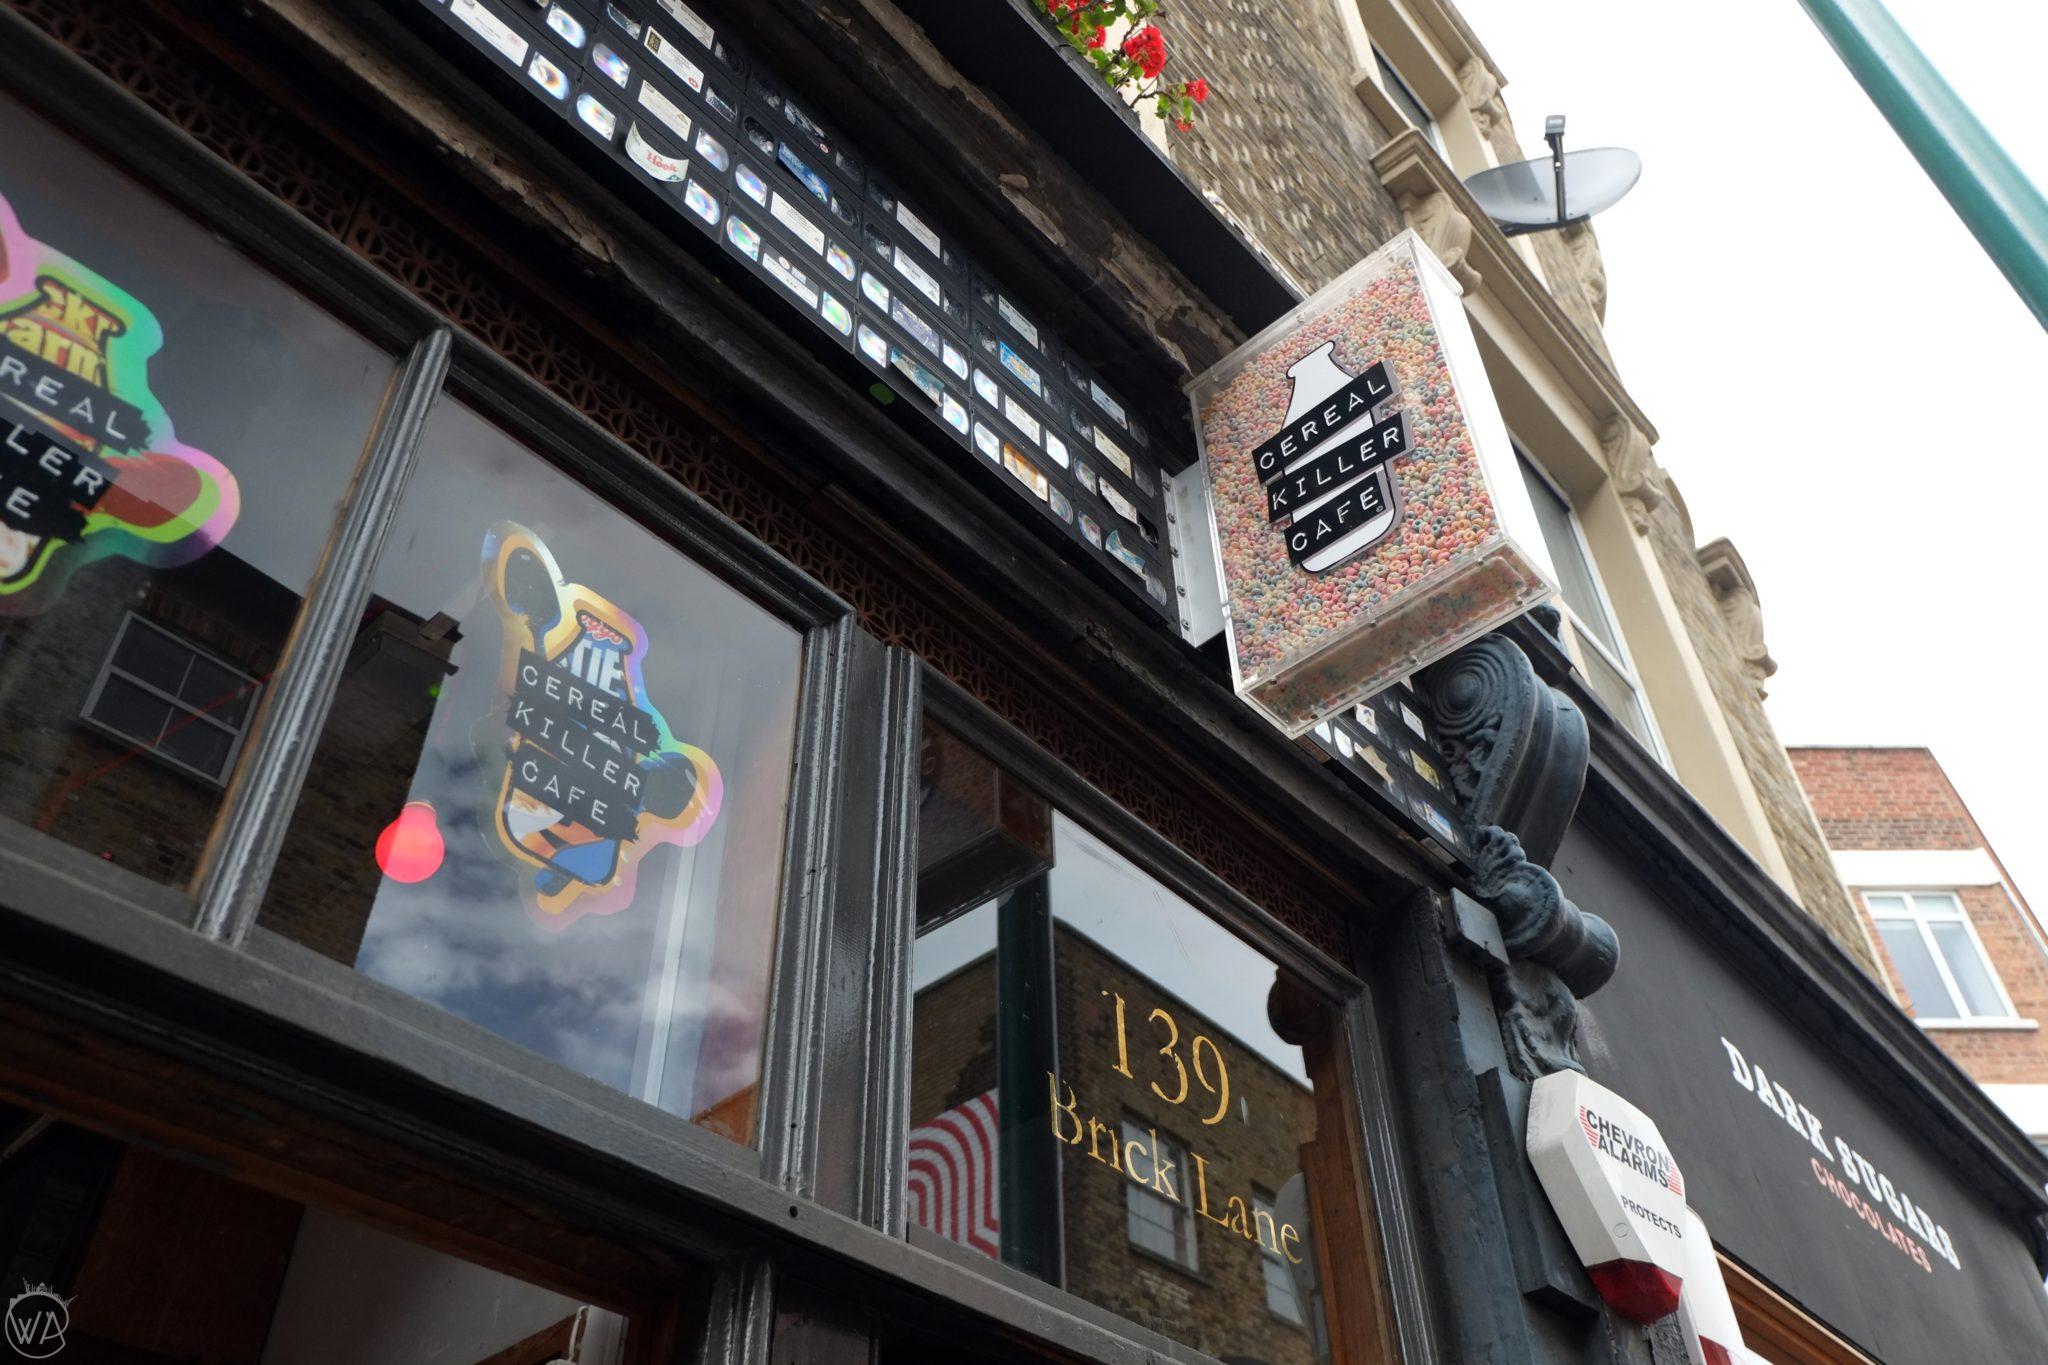 Cereal Killer Cafe Brick Lane London